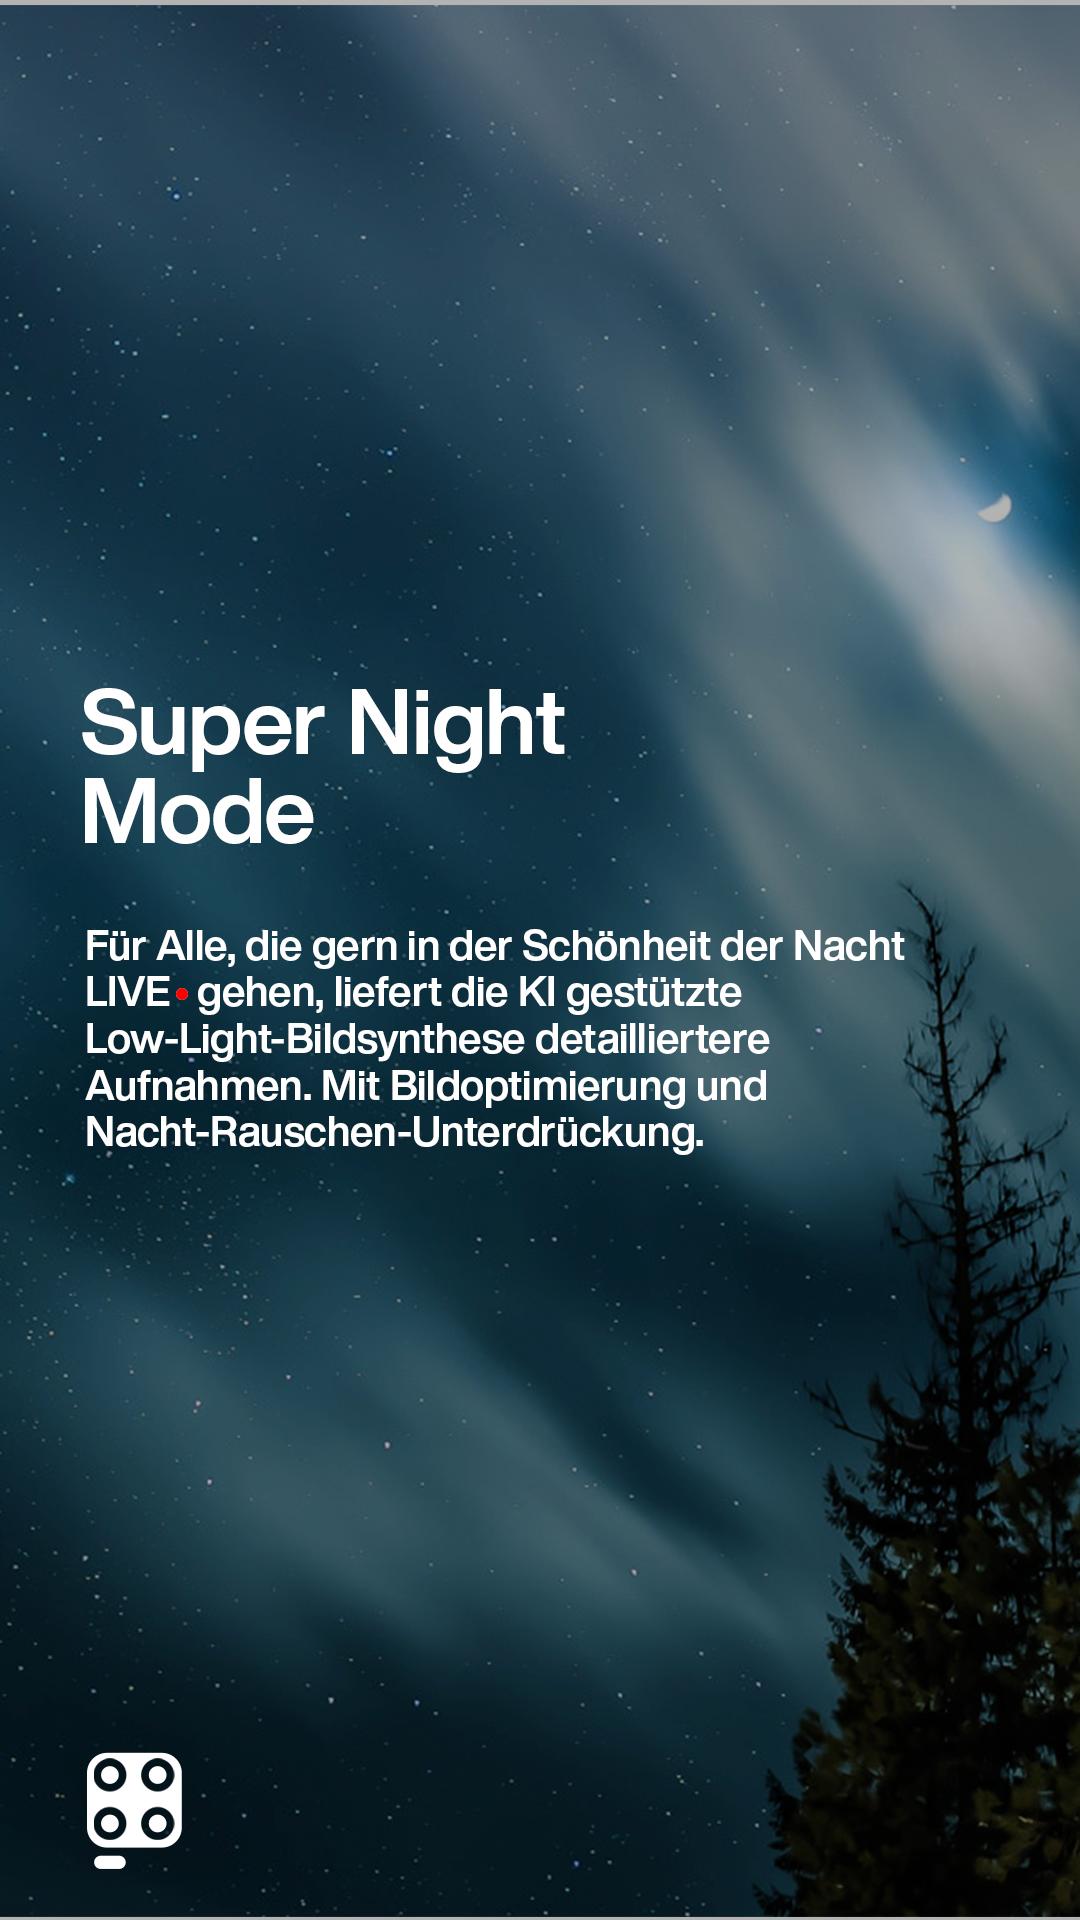 aufnahme von Nachthimmel im Wald responsiv